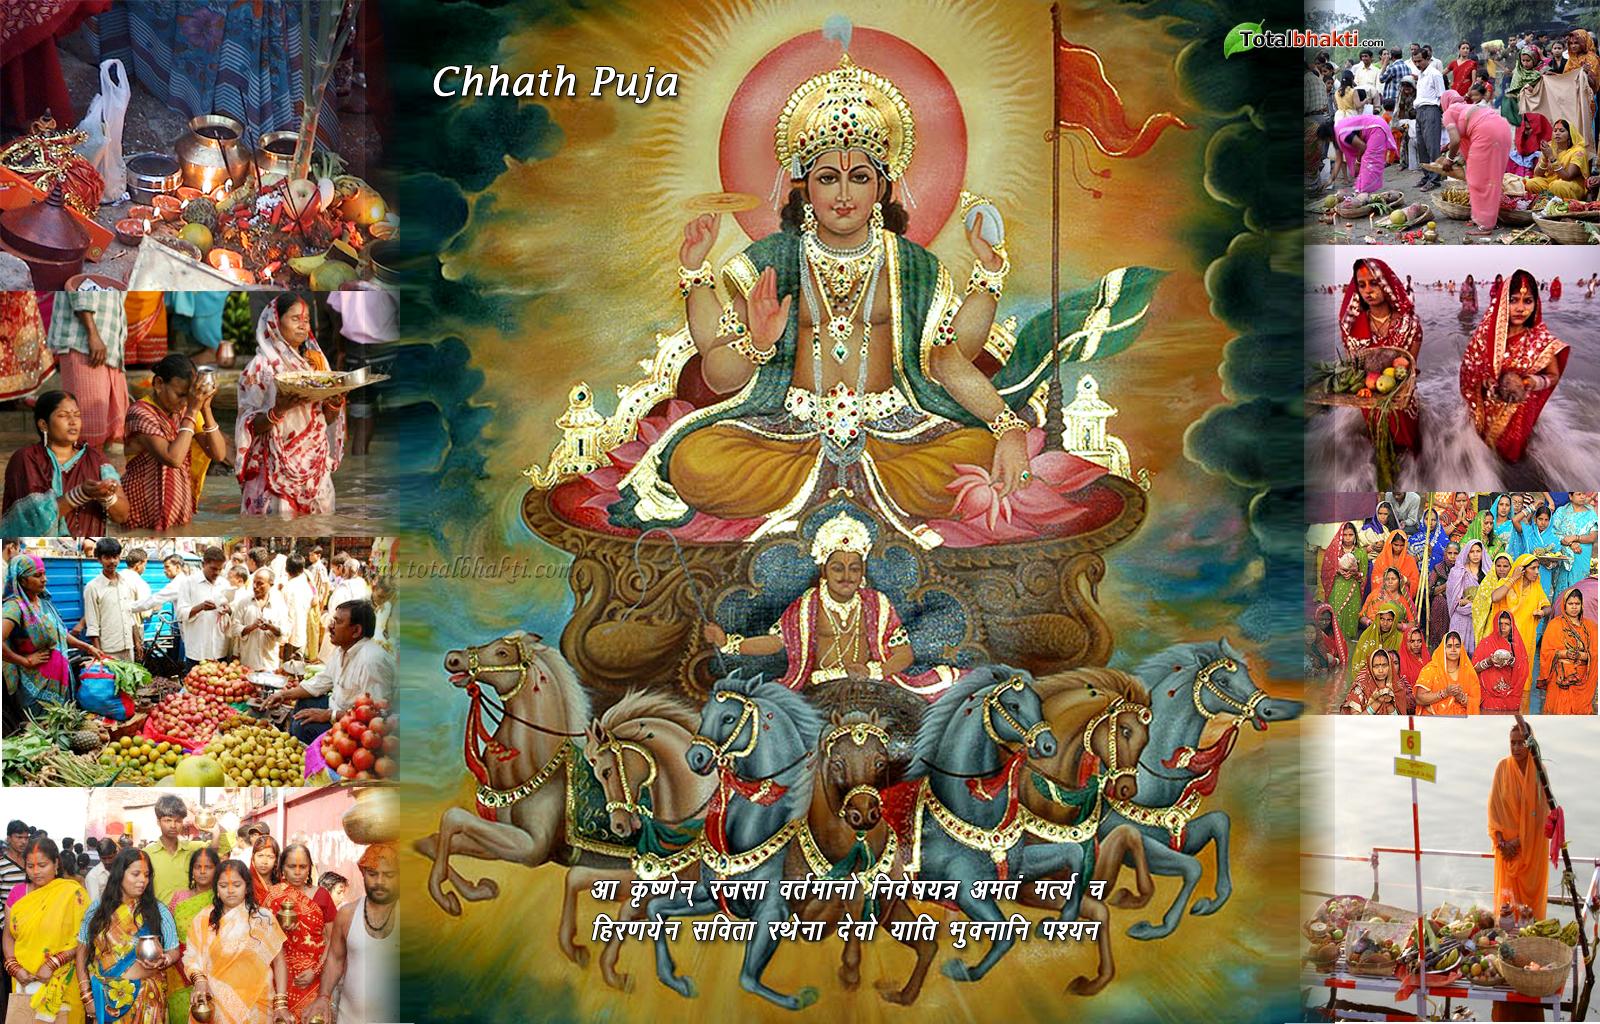 http://2.bp.blogspot.com/-jW800VIsUro/UH0y_B_6O1I/AAAAAAAAF_o/VmMKxP_RN7s/s1600/Chhath-Puja-2639.jpg